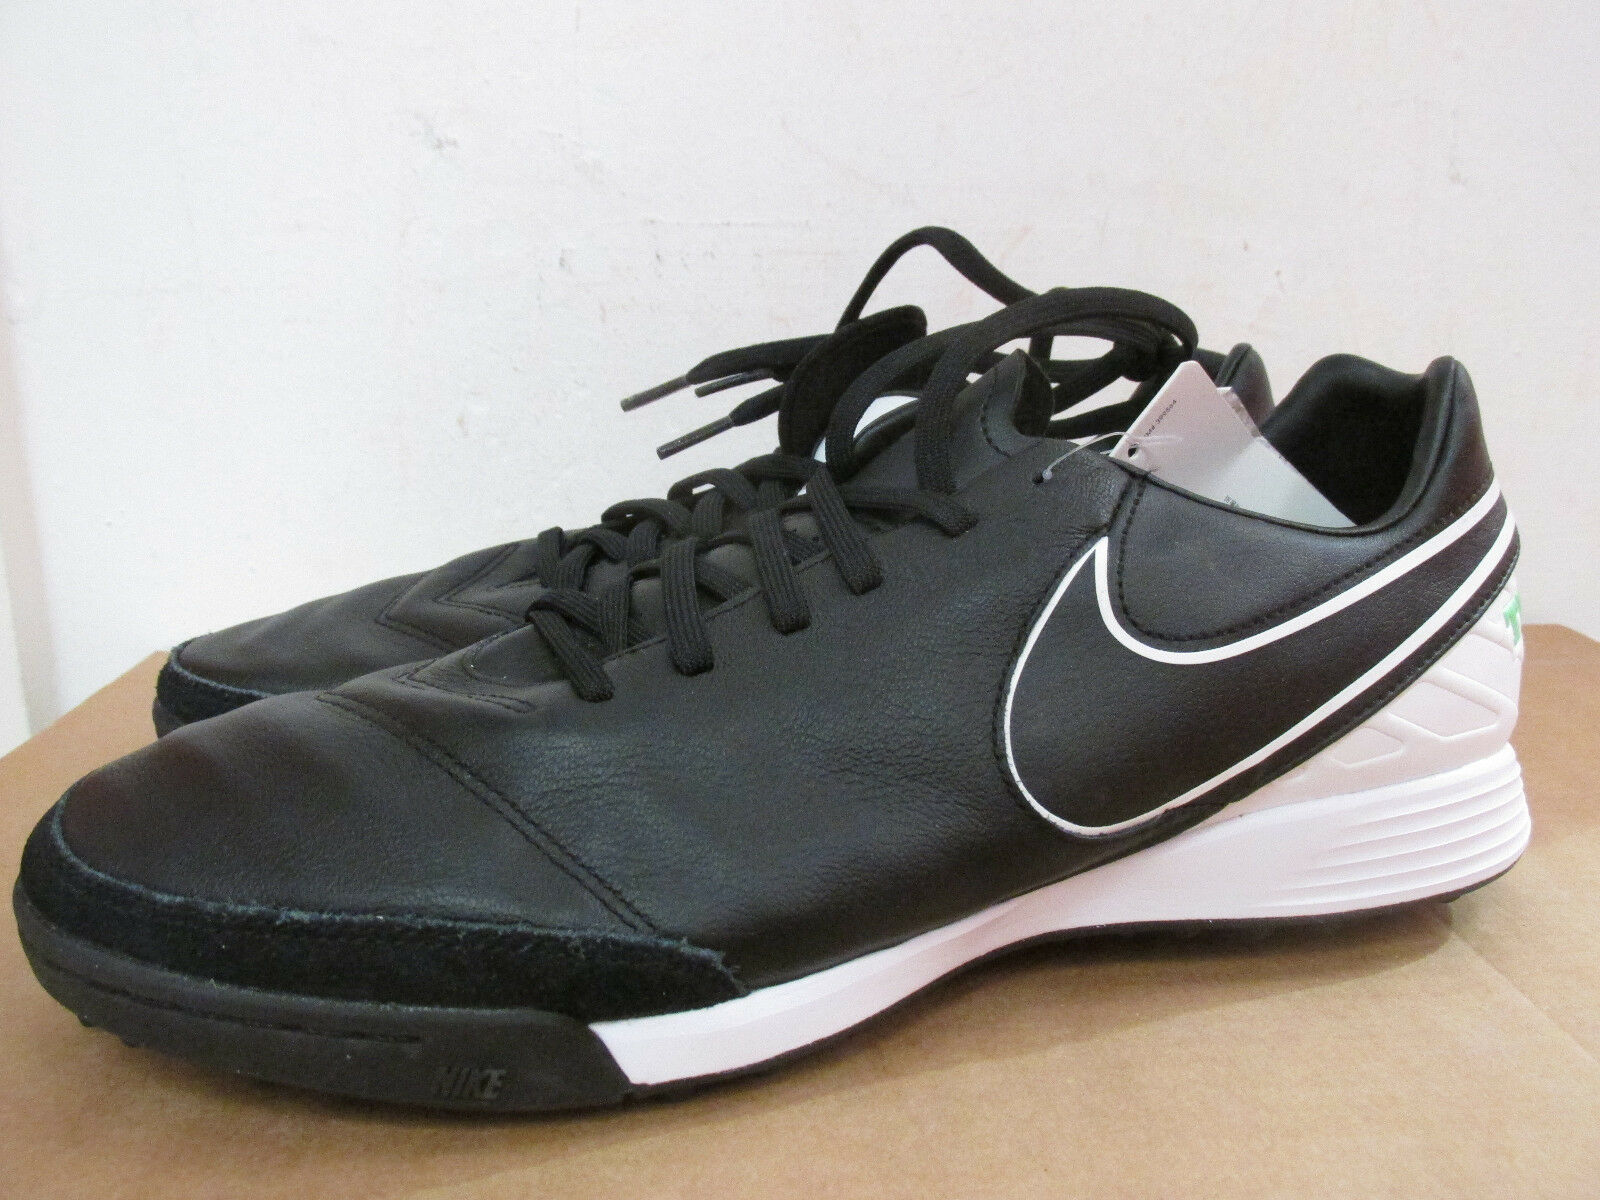 Nike tiempox mystic / tf zapatillas c  accelerato 819224  002 botas de f  819224 tbol muestra 411c85